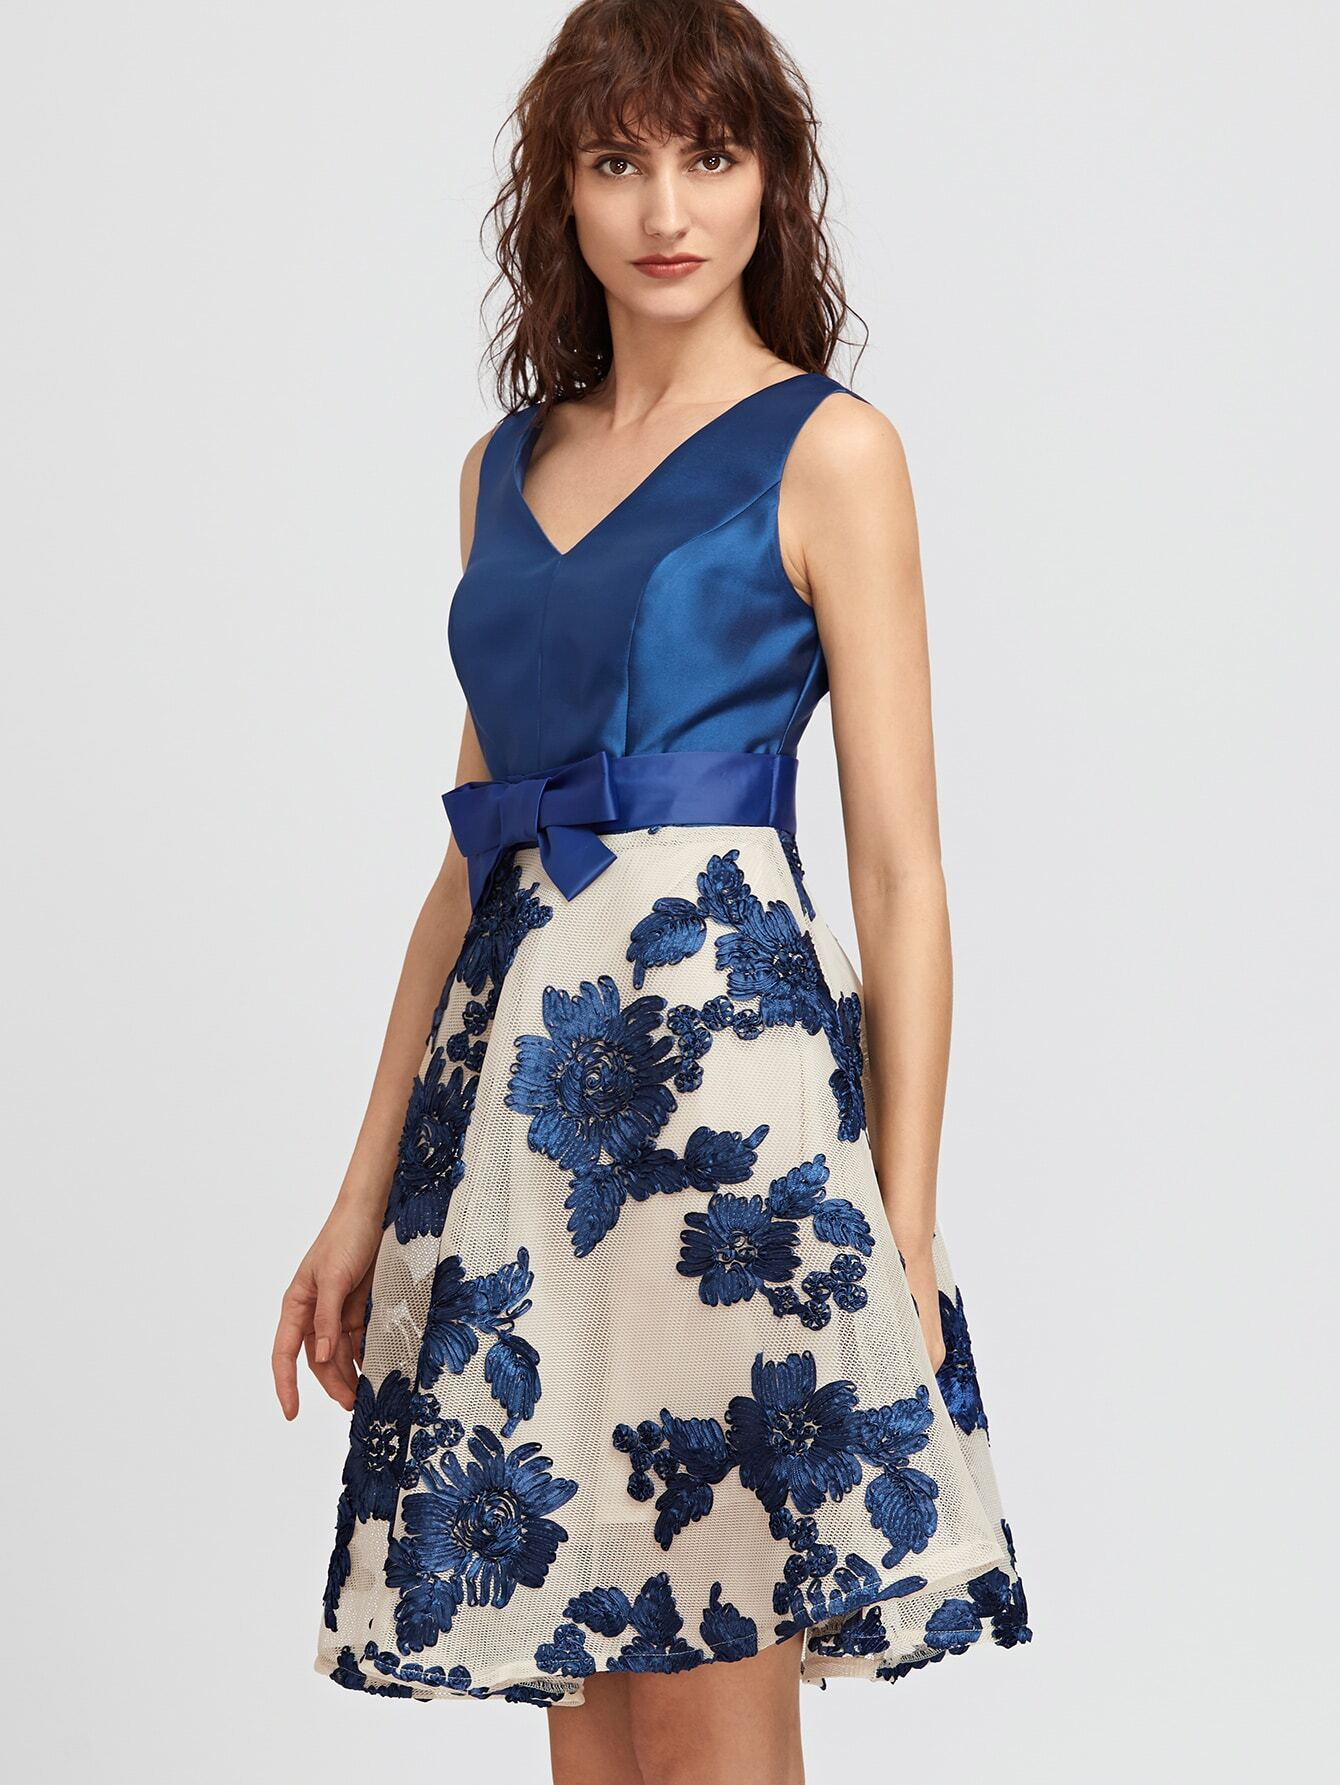 dress170116493_2